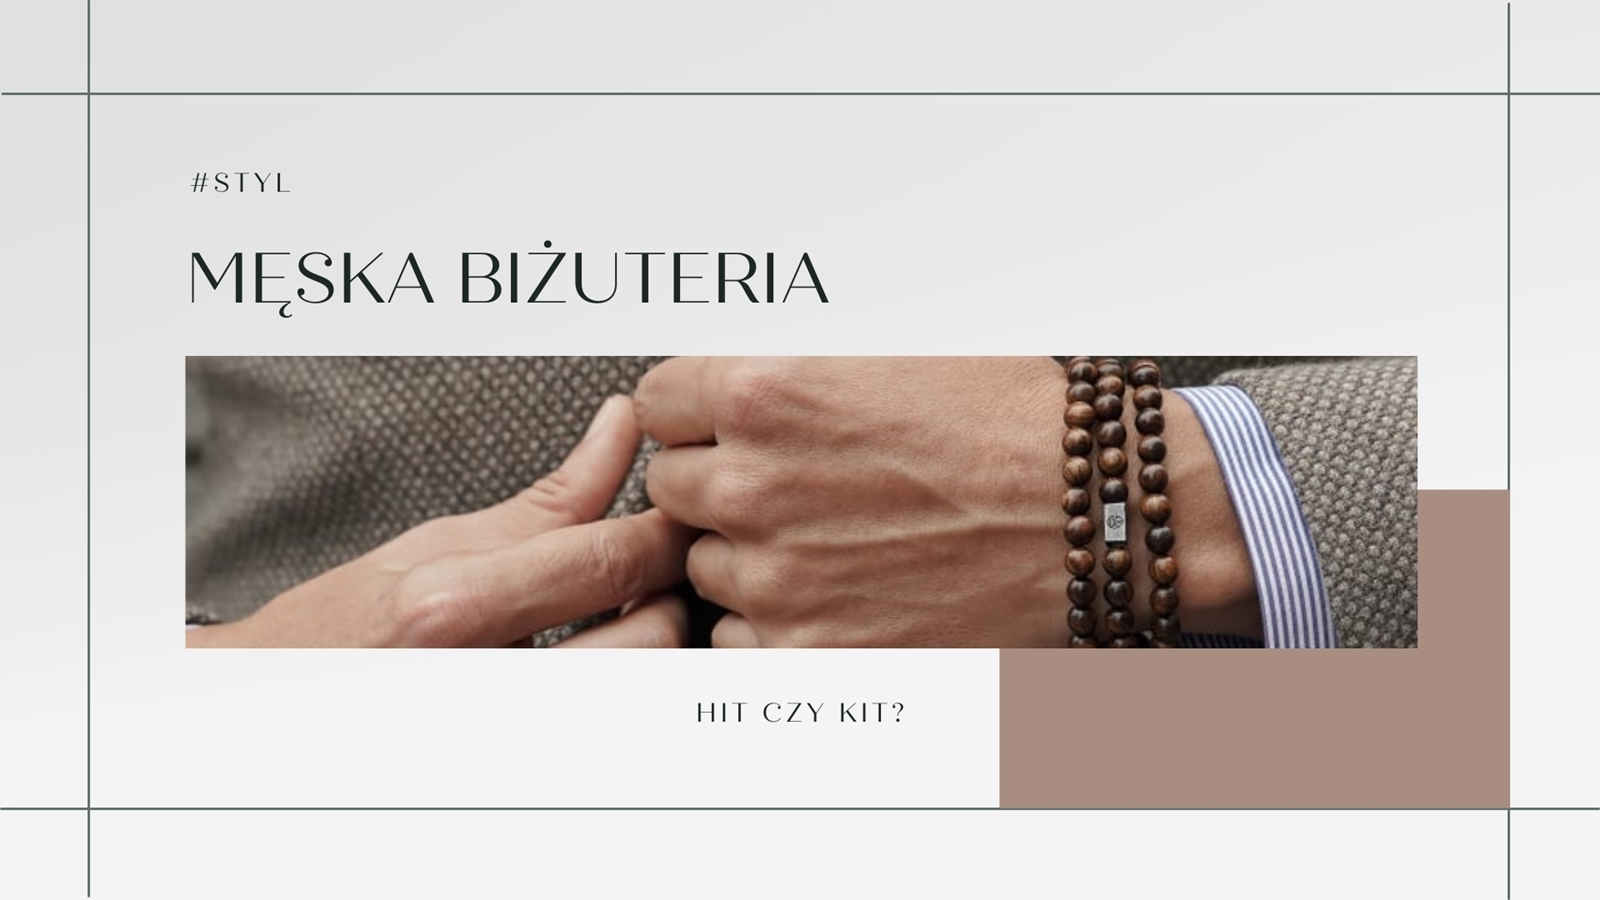 Męskie bransoletki - jak wybrać, biżuteria męska dla faceta na prezent - pomysł na prezent dla chłopaka, brata, kolegi, kumpla. Bransoletki trendhim.